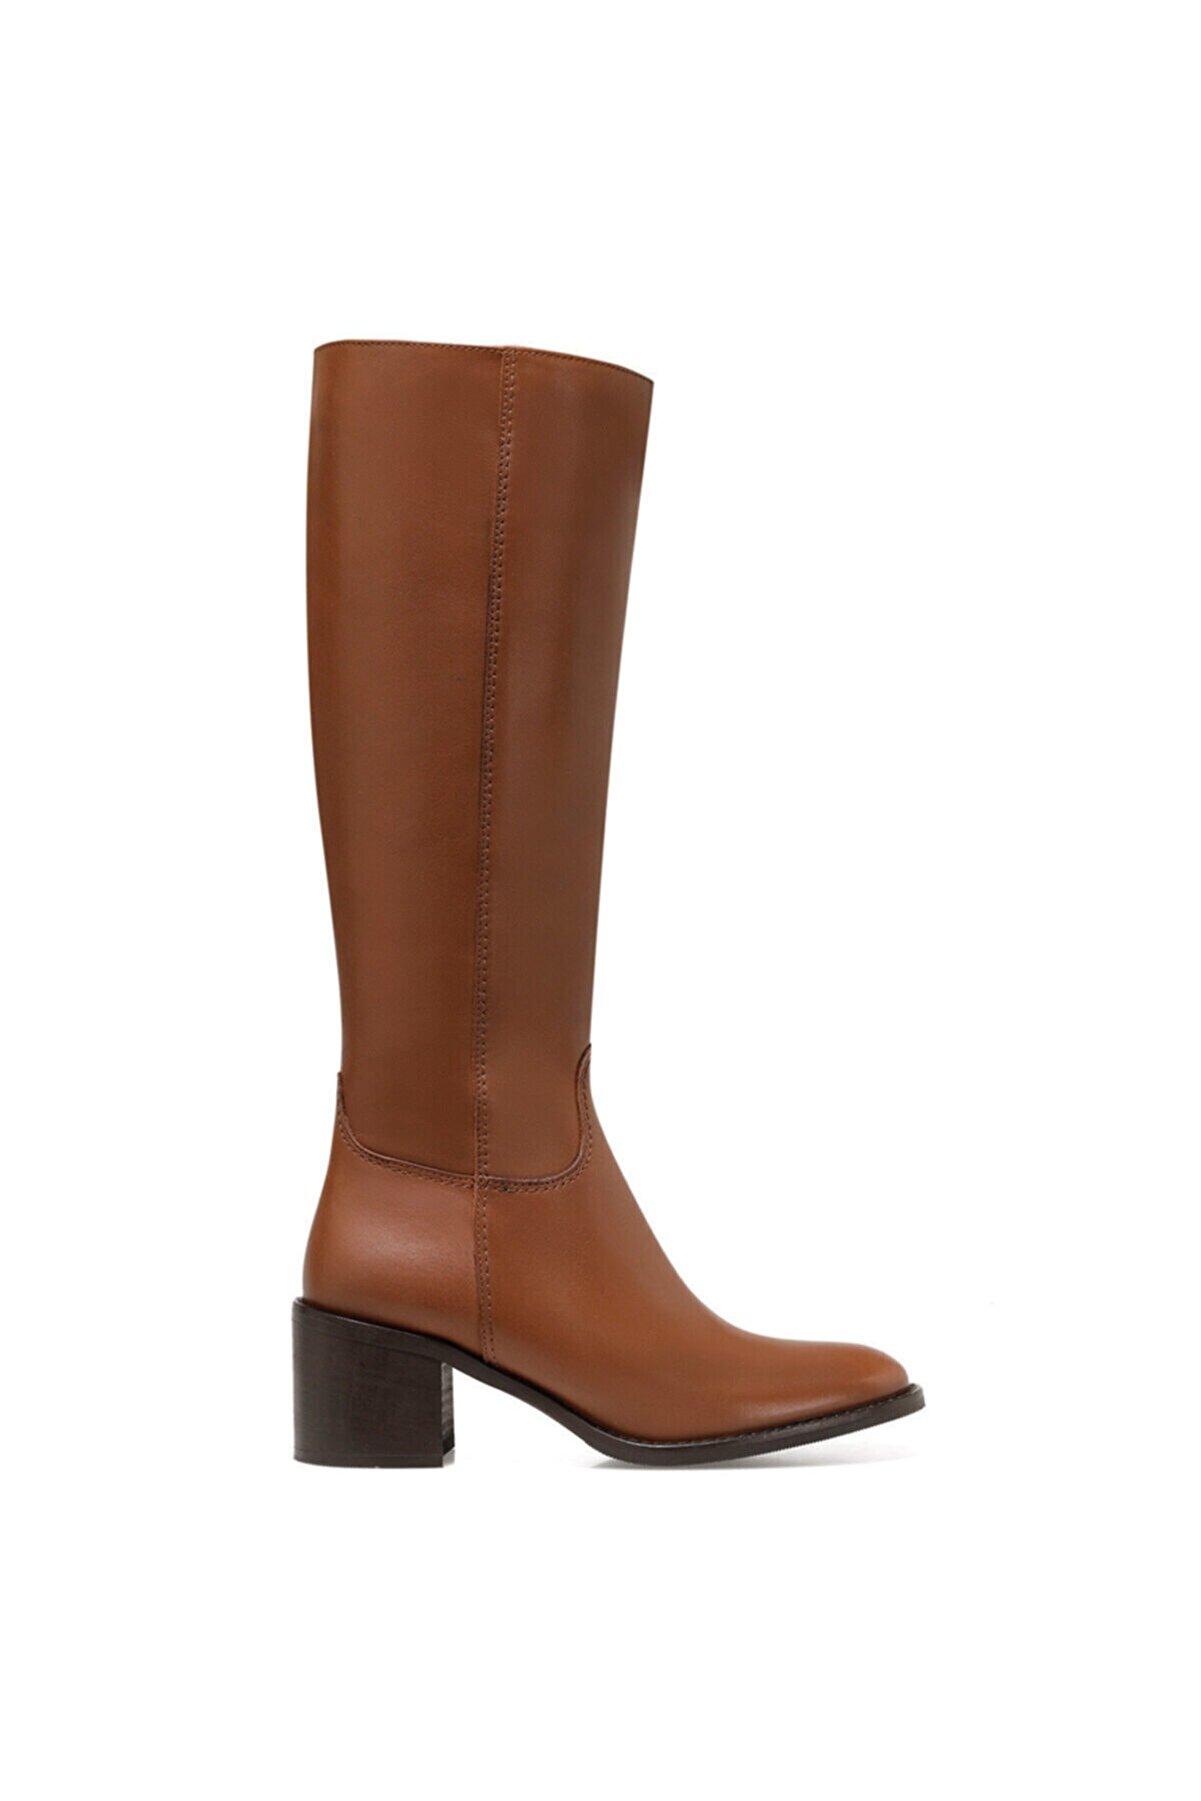 Nine West MITTA Taba Kadın Ökçeli Çizme 100582044